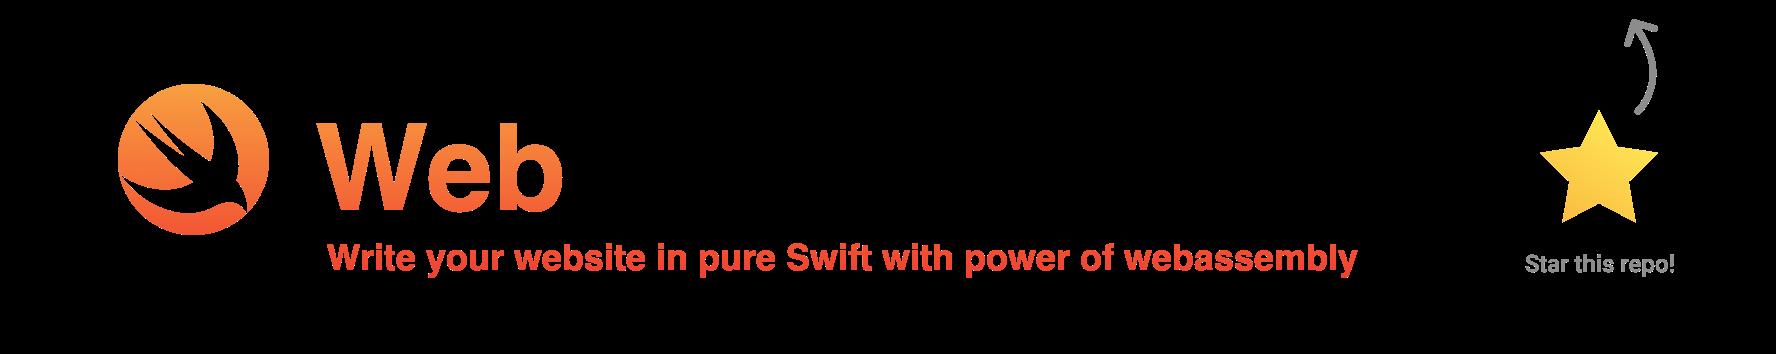 SwifWeb